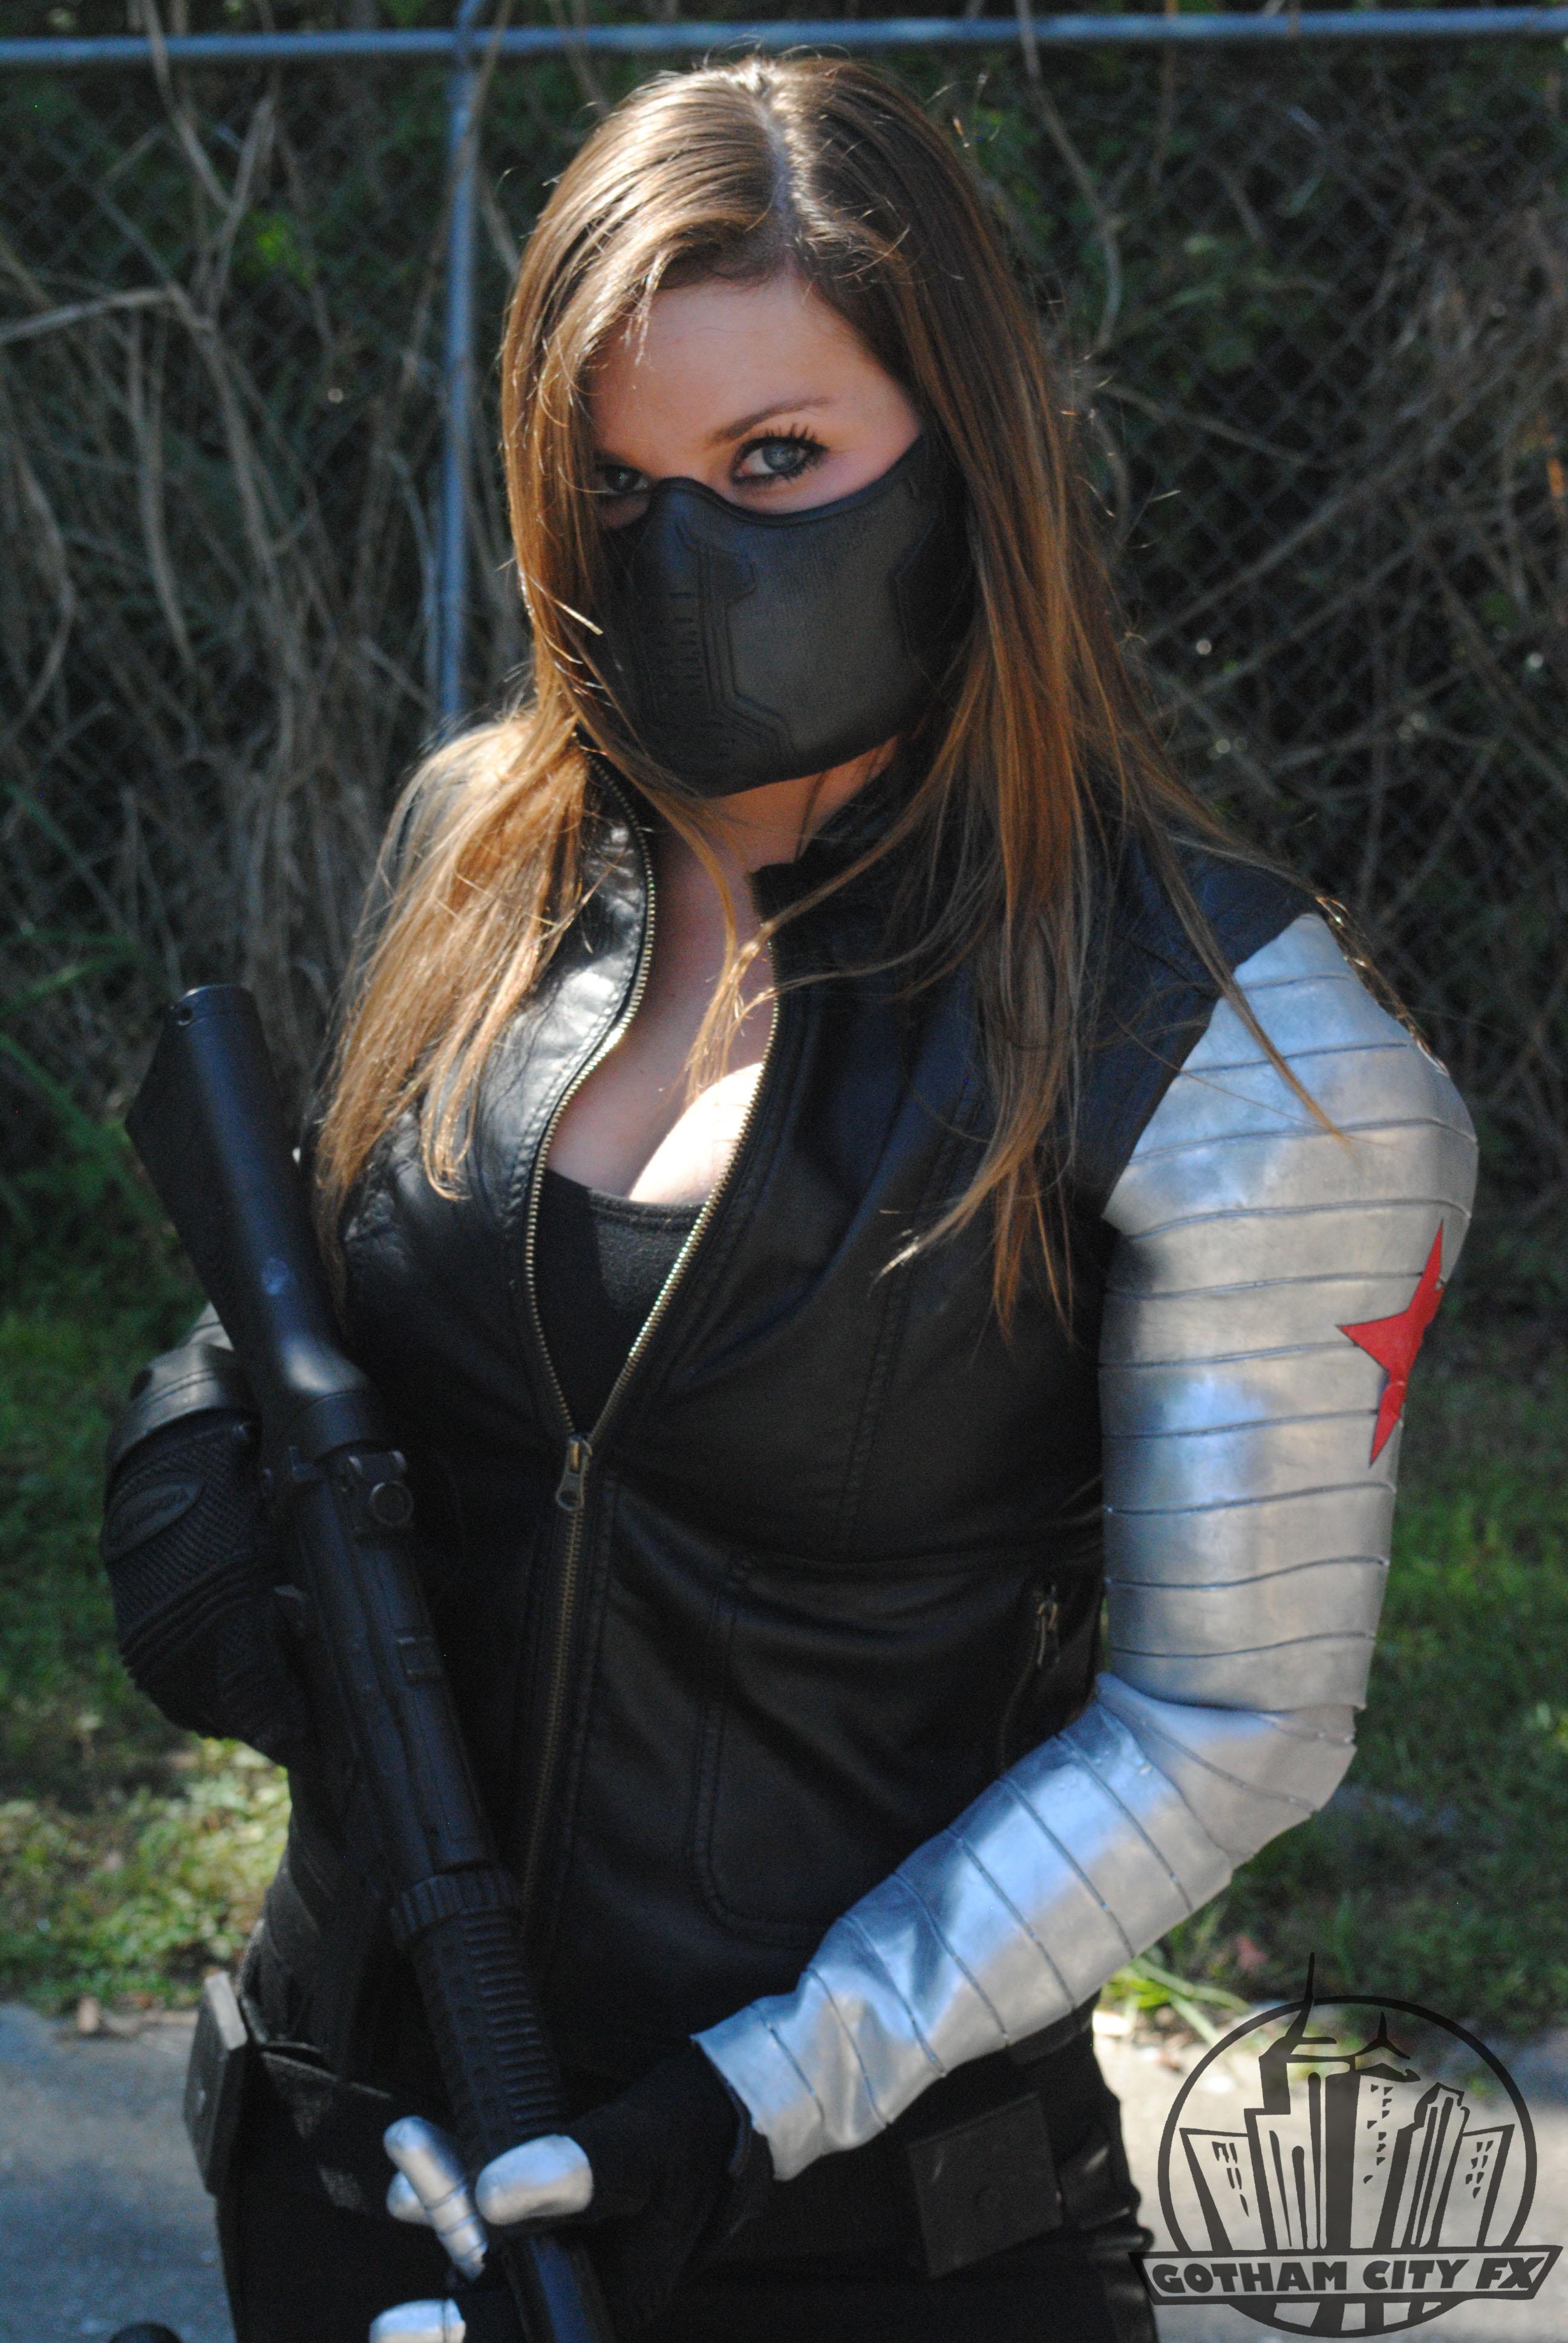 Buy female captain america mask > 58% off!